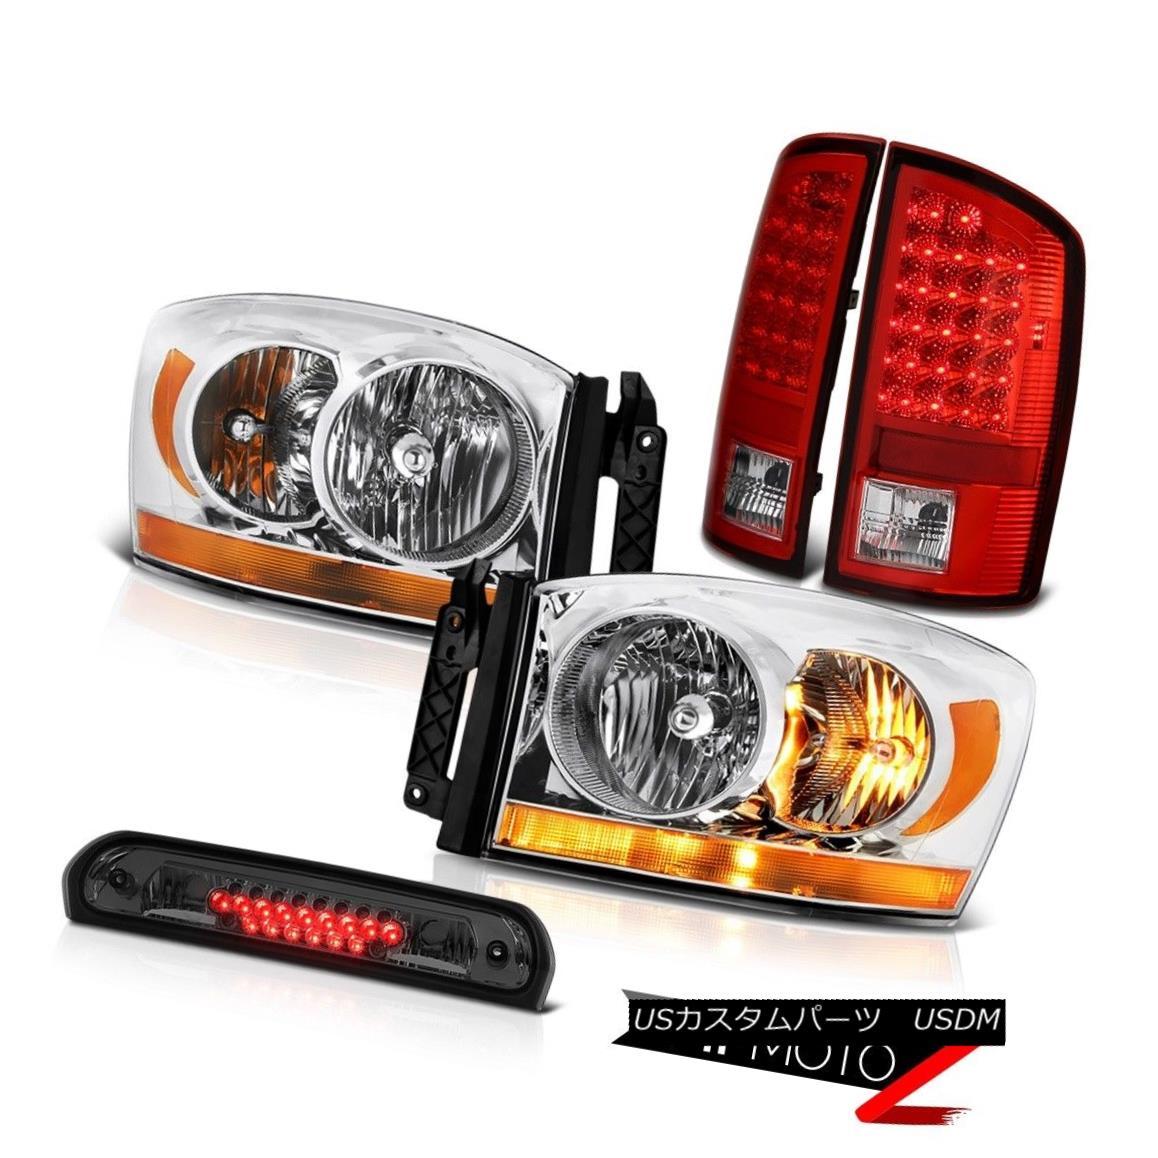 ヘッドライト 2006 Ram 4.7L Sterling Chrome Headlamps Roof Cab Light Red Clear Tail Lamps LED 2006ラム4.7LスターリングクロームヘッドランプルーフキャブライトレッドクリアテールランプLED